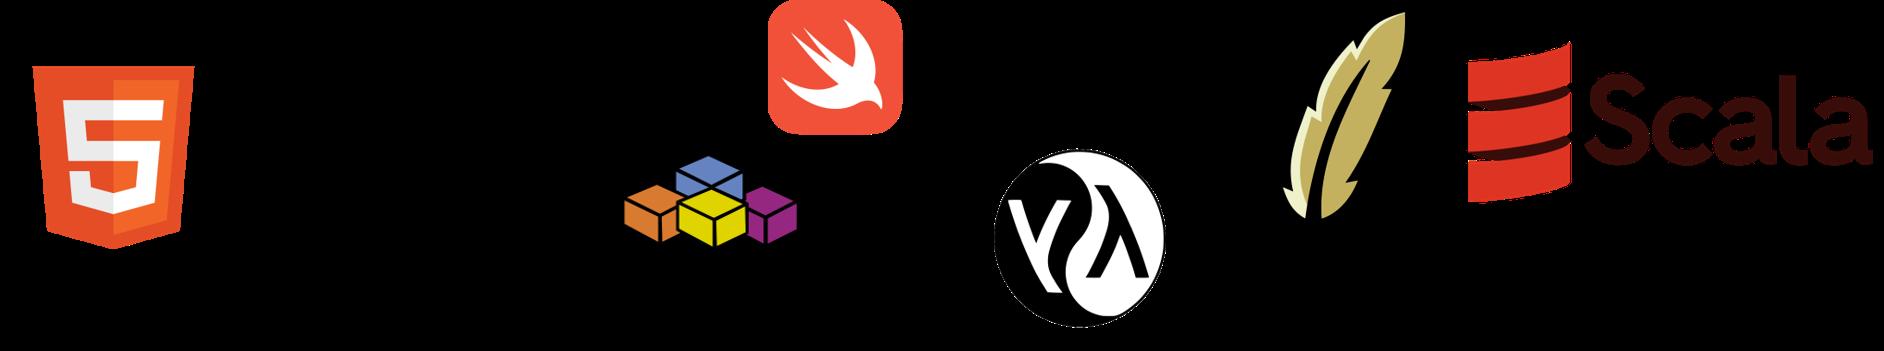 Top 5 programovacie jazyky 2020 - logá jazykov 1